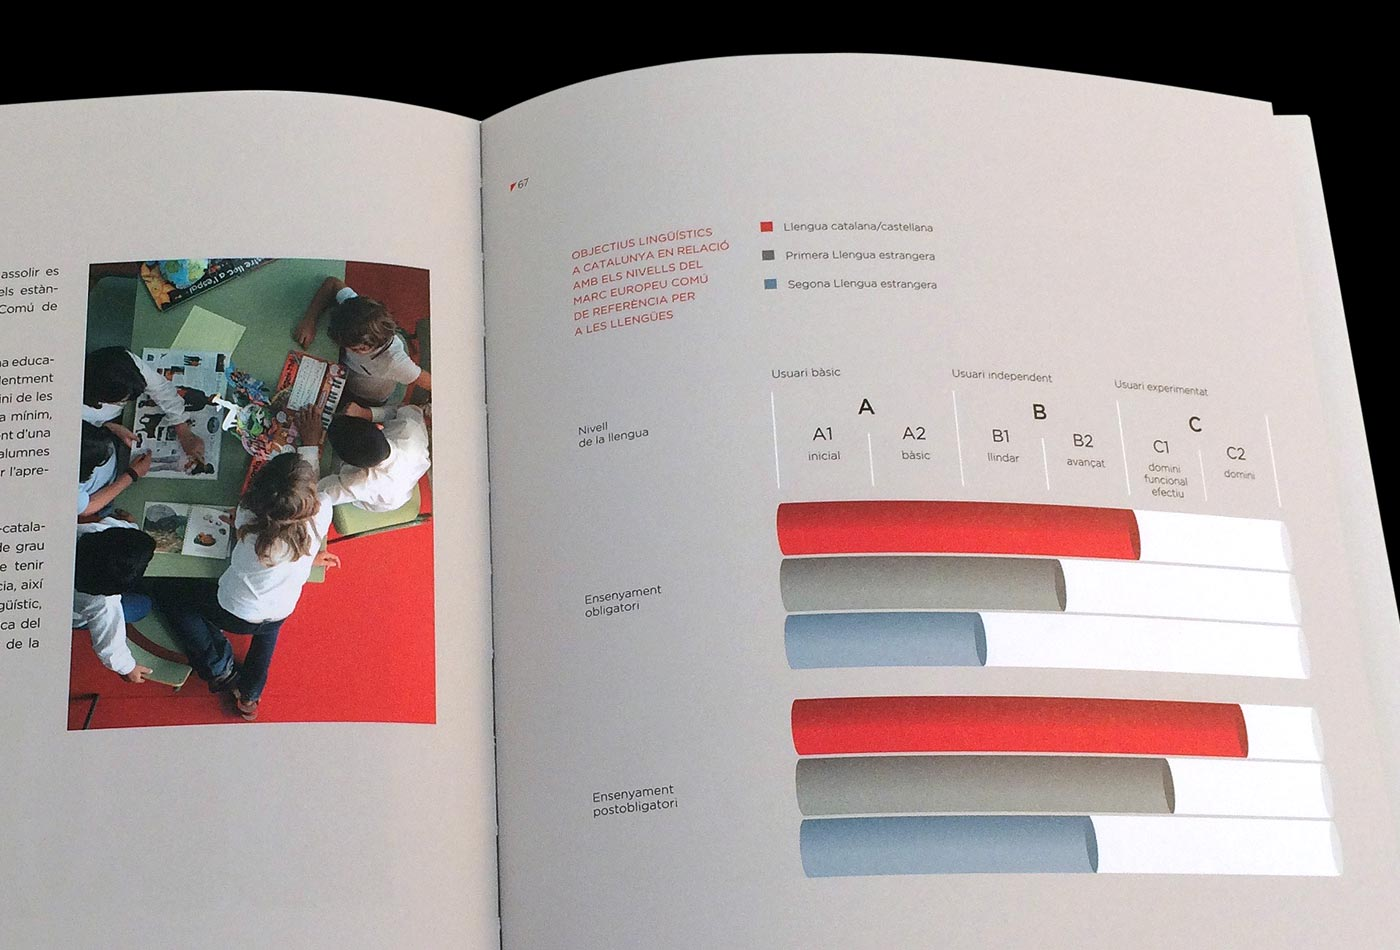 model-exit-llibre-catala-generalitat